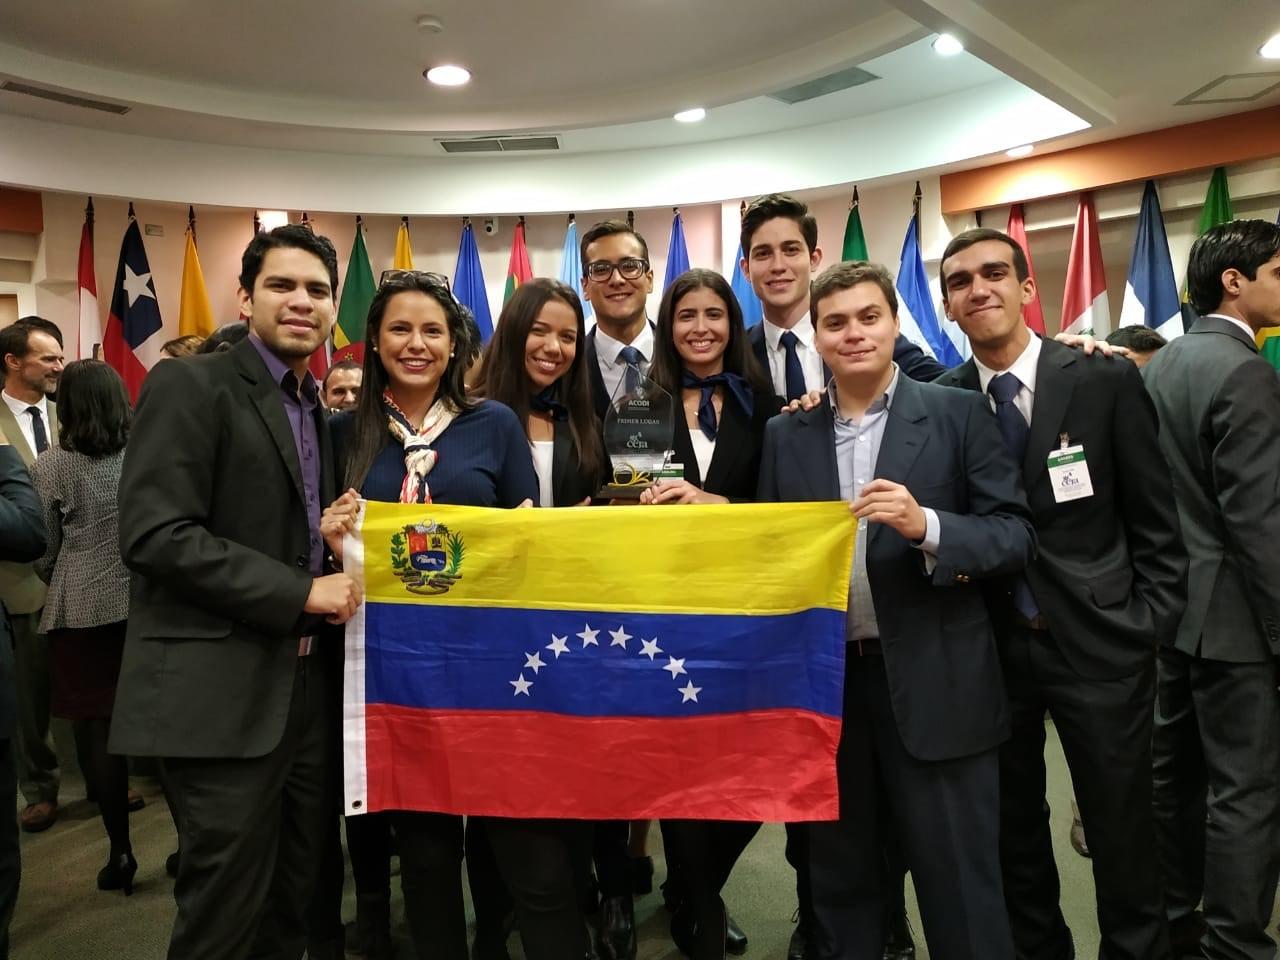 Nueva victoria ucabista: estudiantes triunfaron en concurso internacional de DDHH